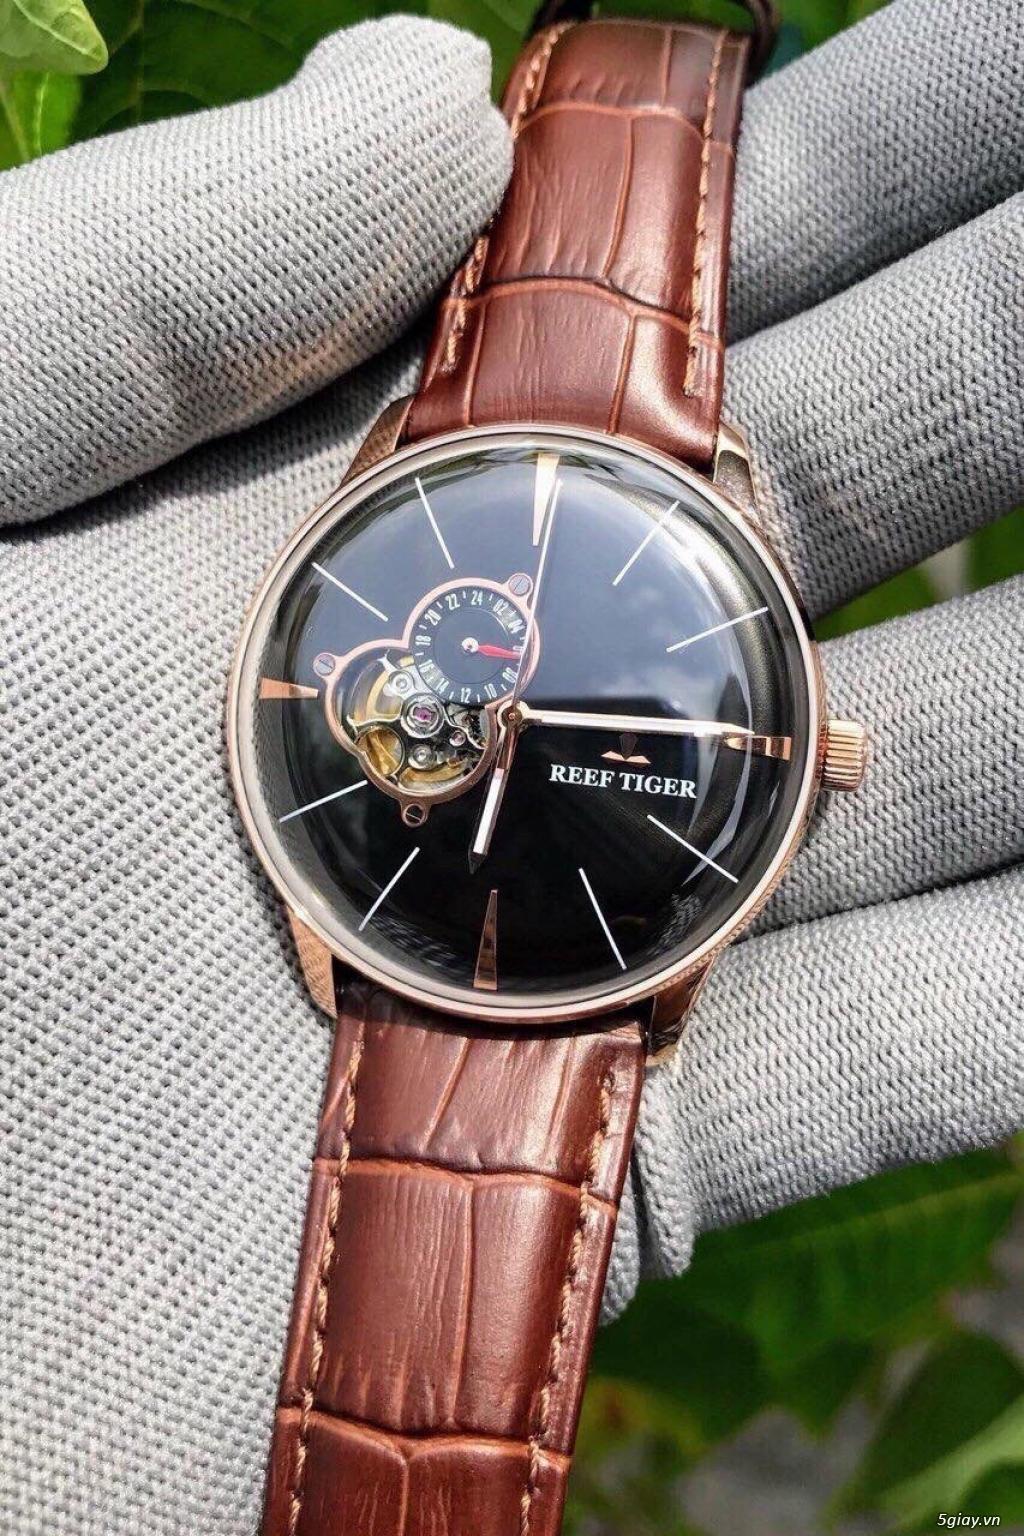 Đồng hồ xách tay biên hoà , chuyên hàng auth, cao cấp, siêu cấp - 3